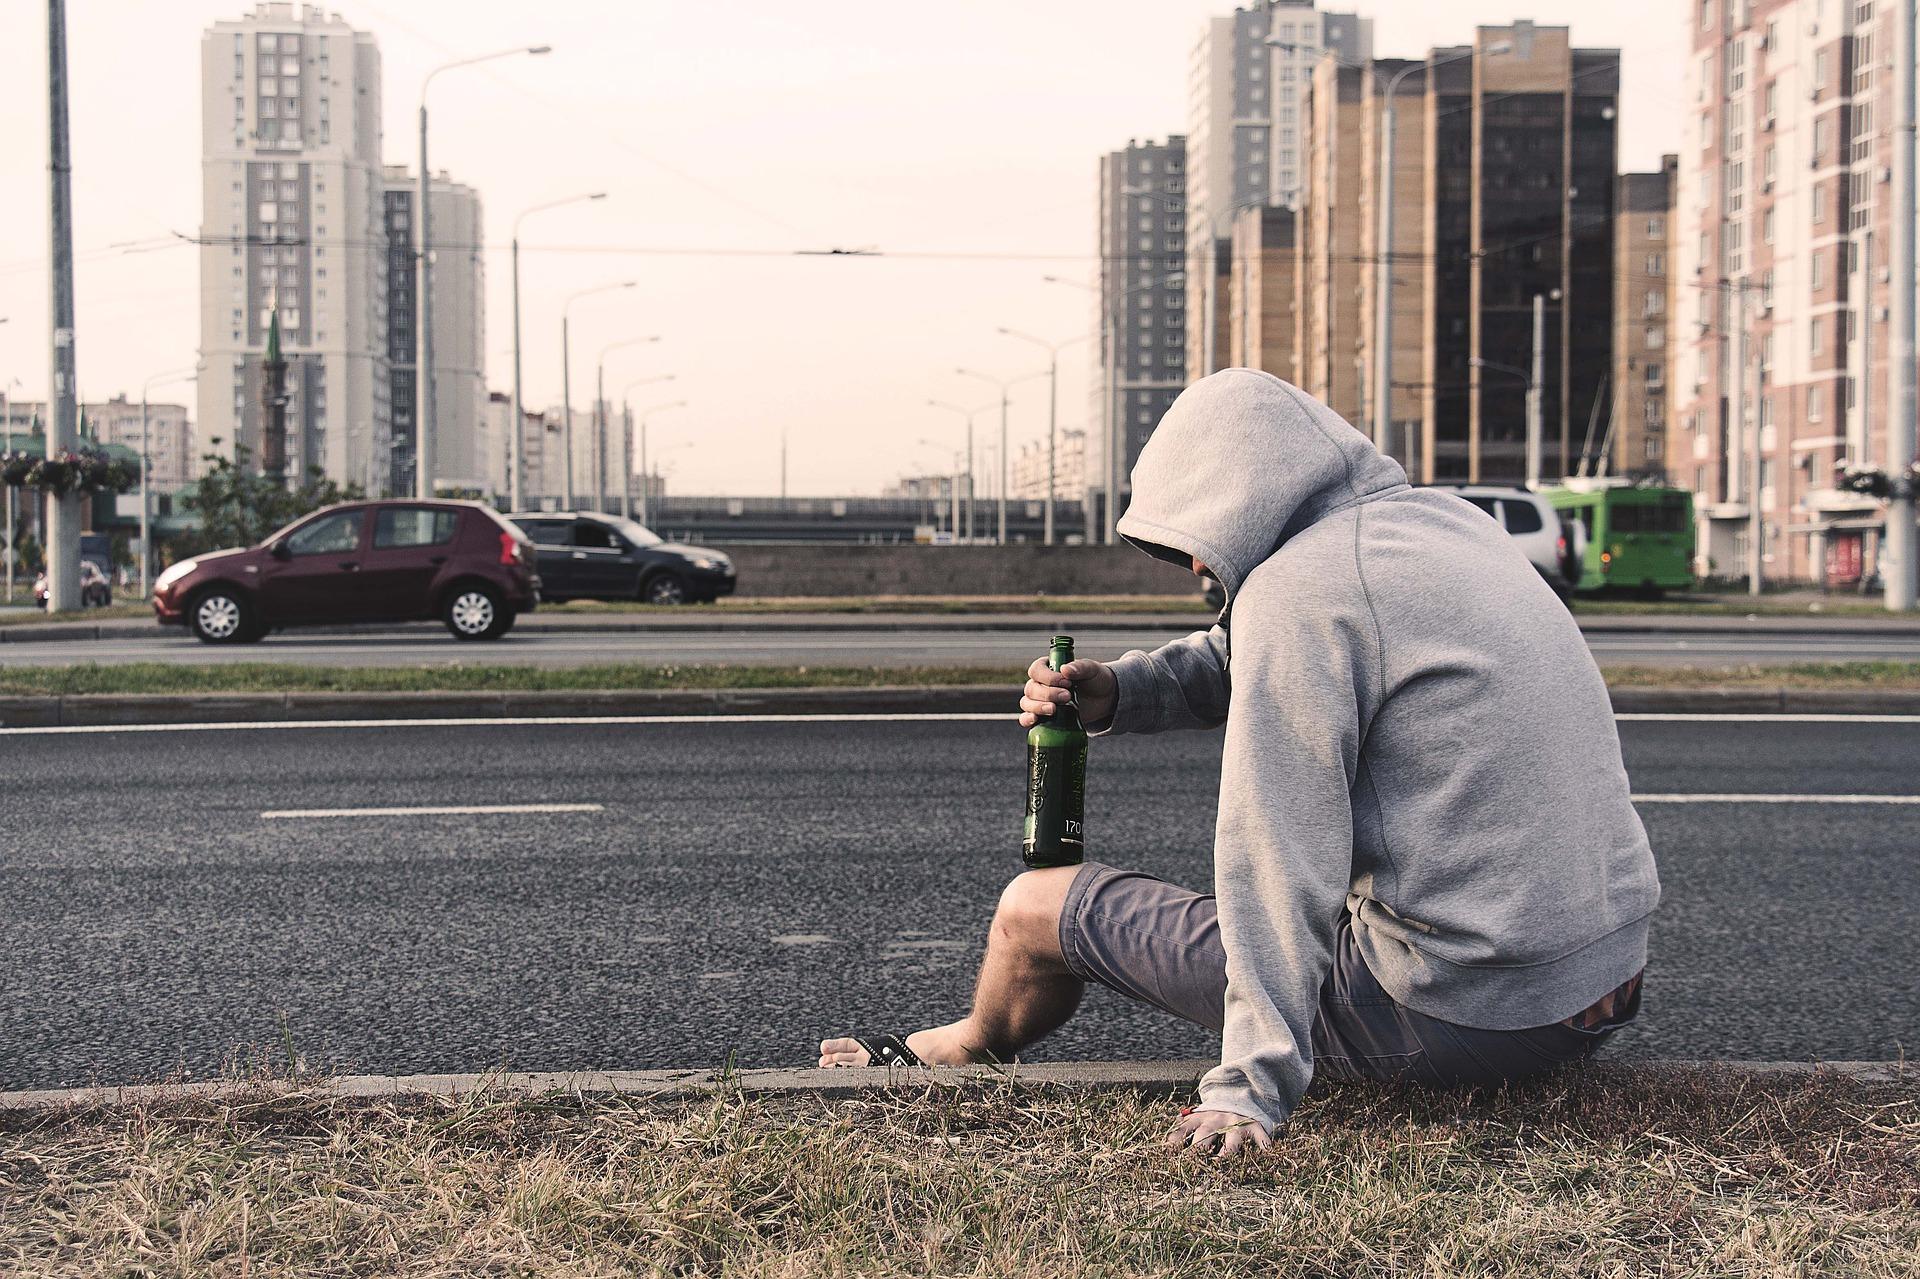 imagen sobre el consumo de alcohol en la adolescencia